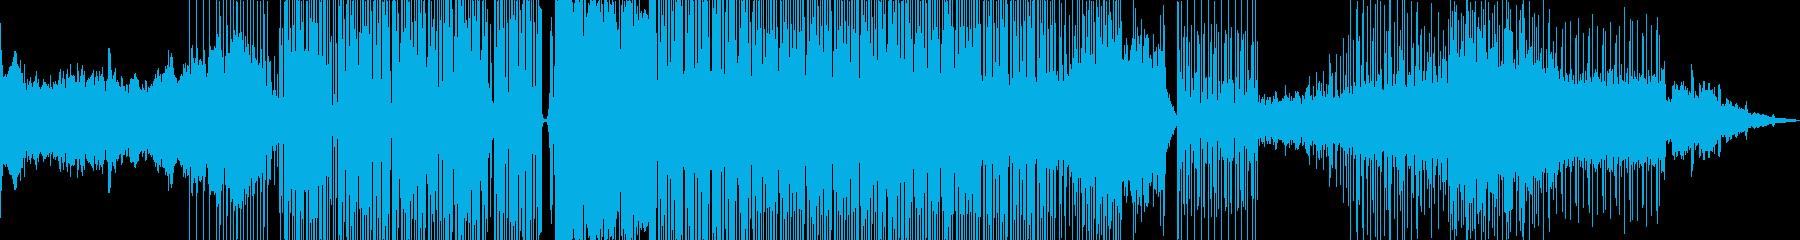 疾走感のあるシンセBGMの再生済みの波形